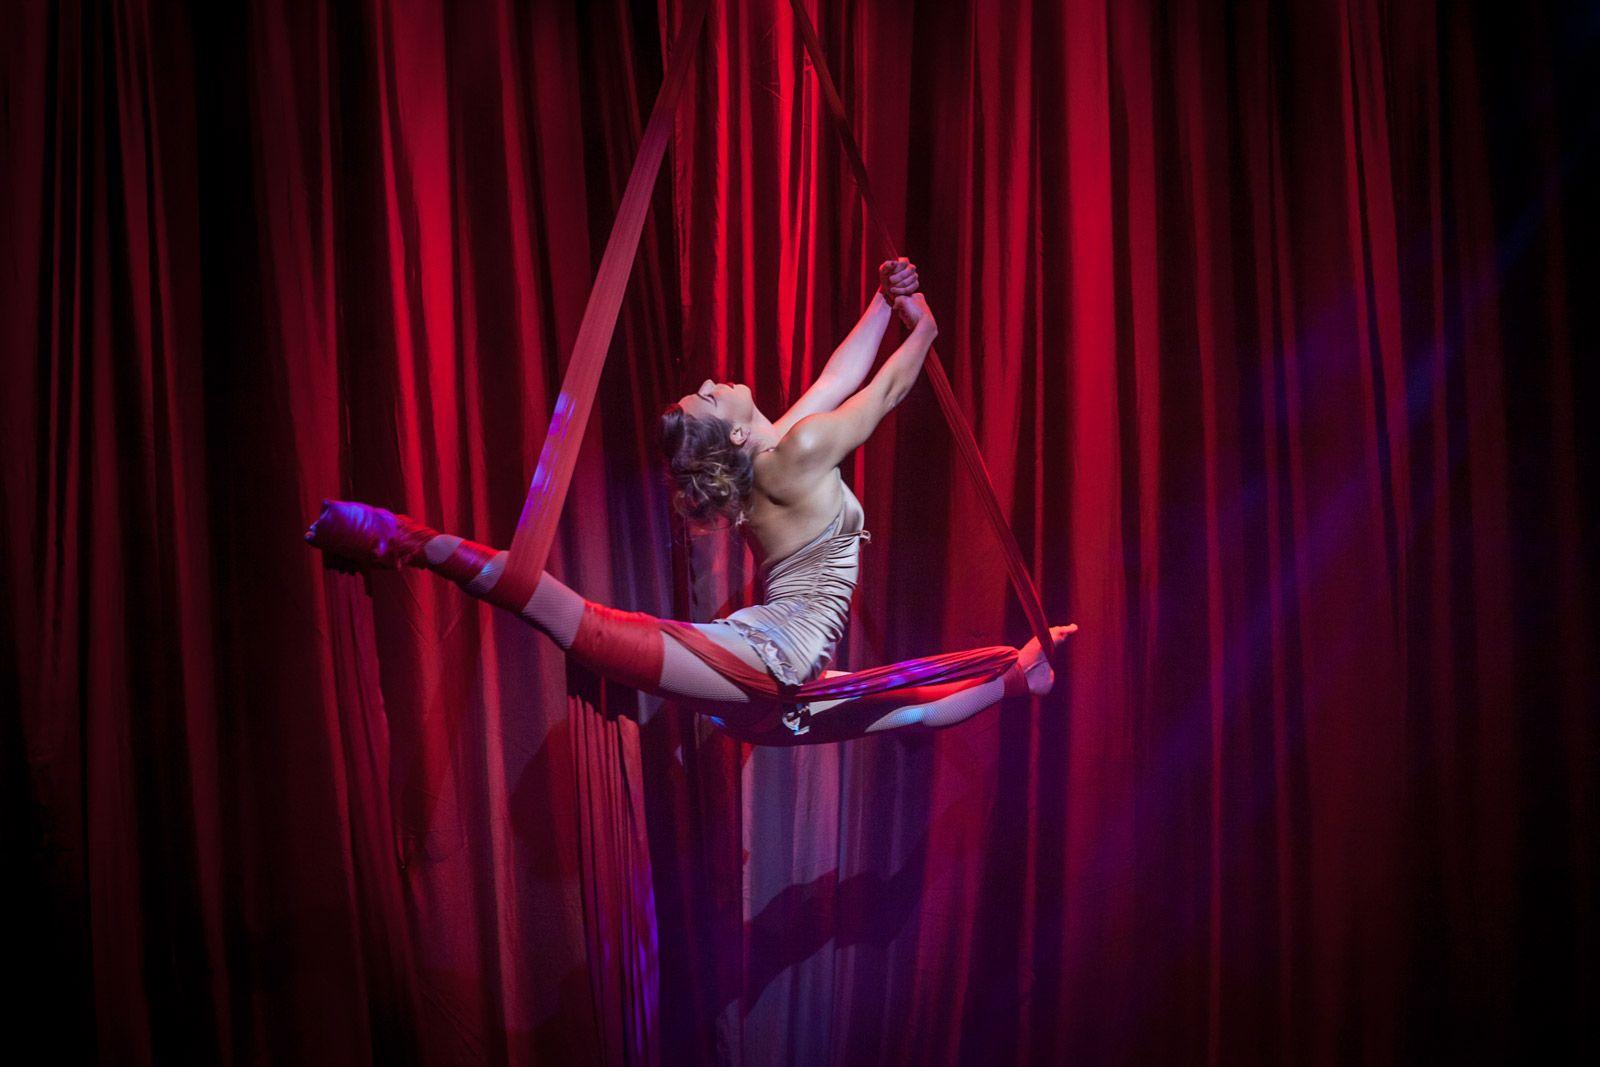 Aurélie Bernard aerial hoop artist